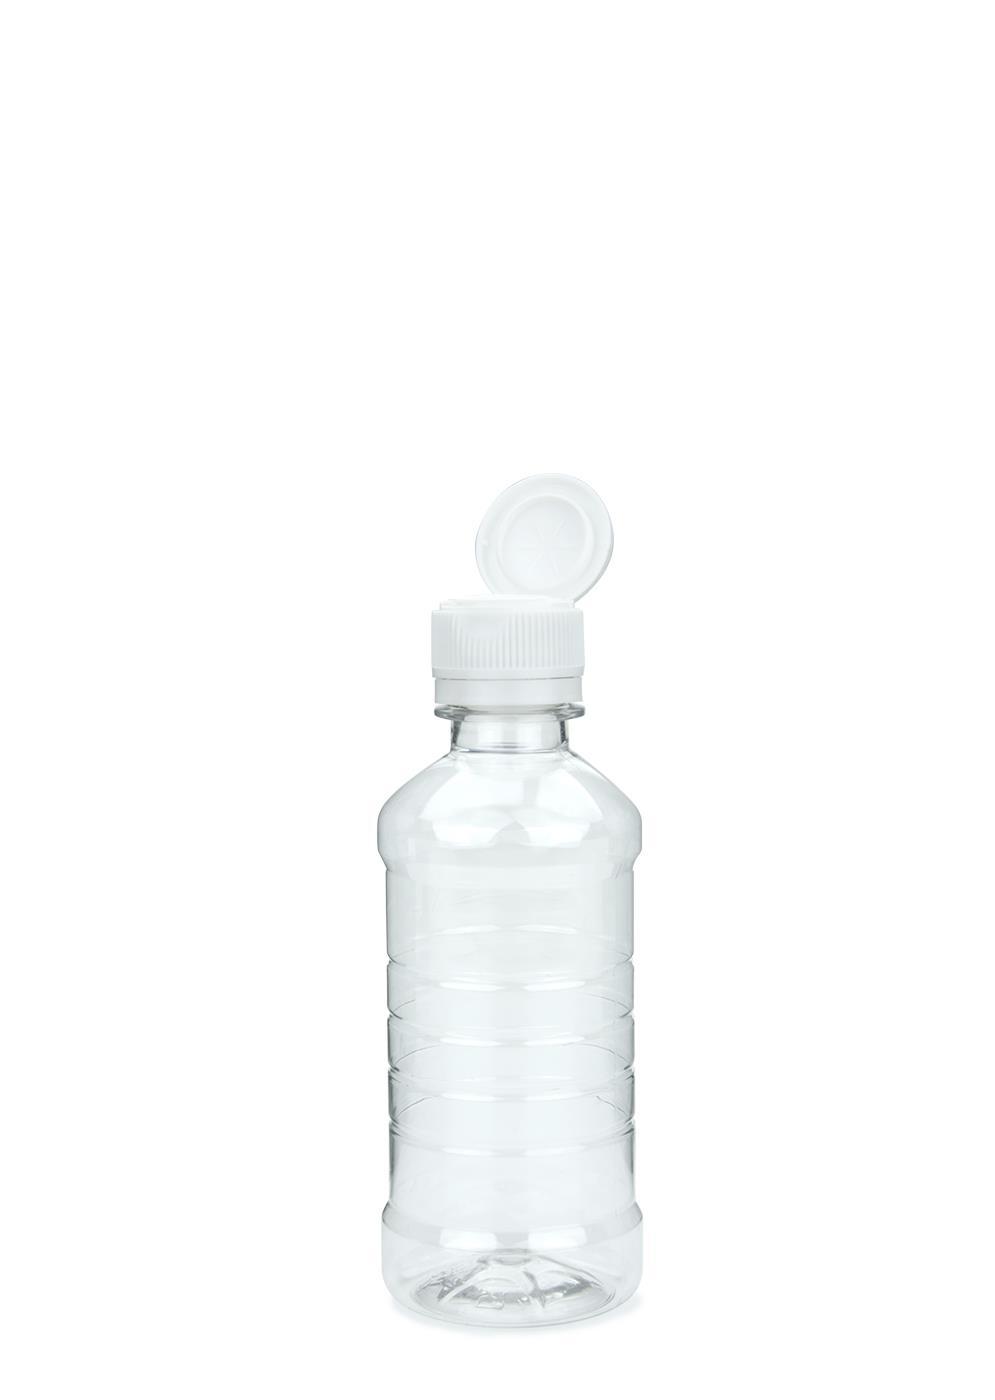 pet flasche f r speise l klar 250 ml mit klappverschluss mit ausgie er weiss. Black Bedroom Furniture Sets. Home Design Ideas